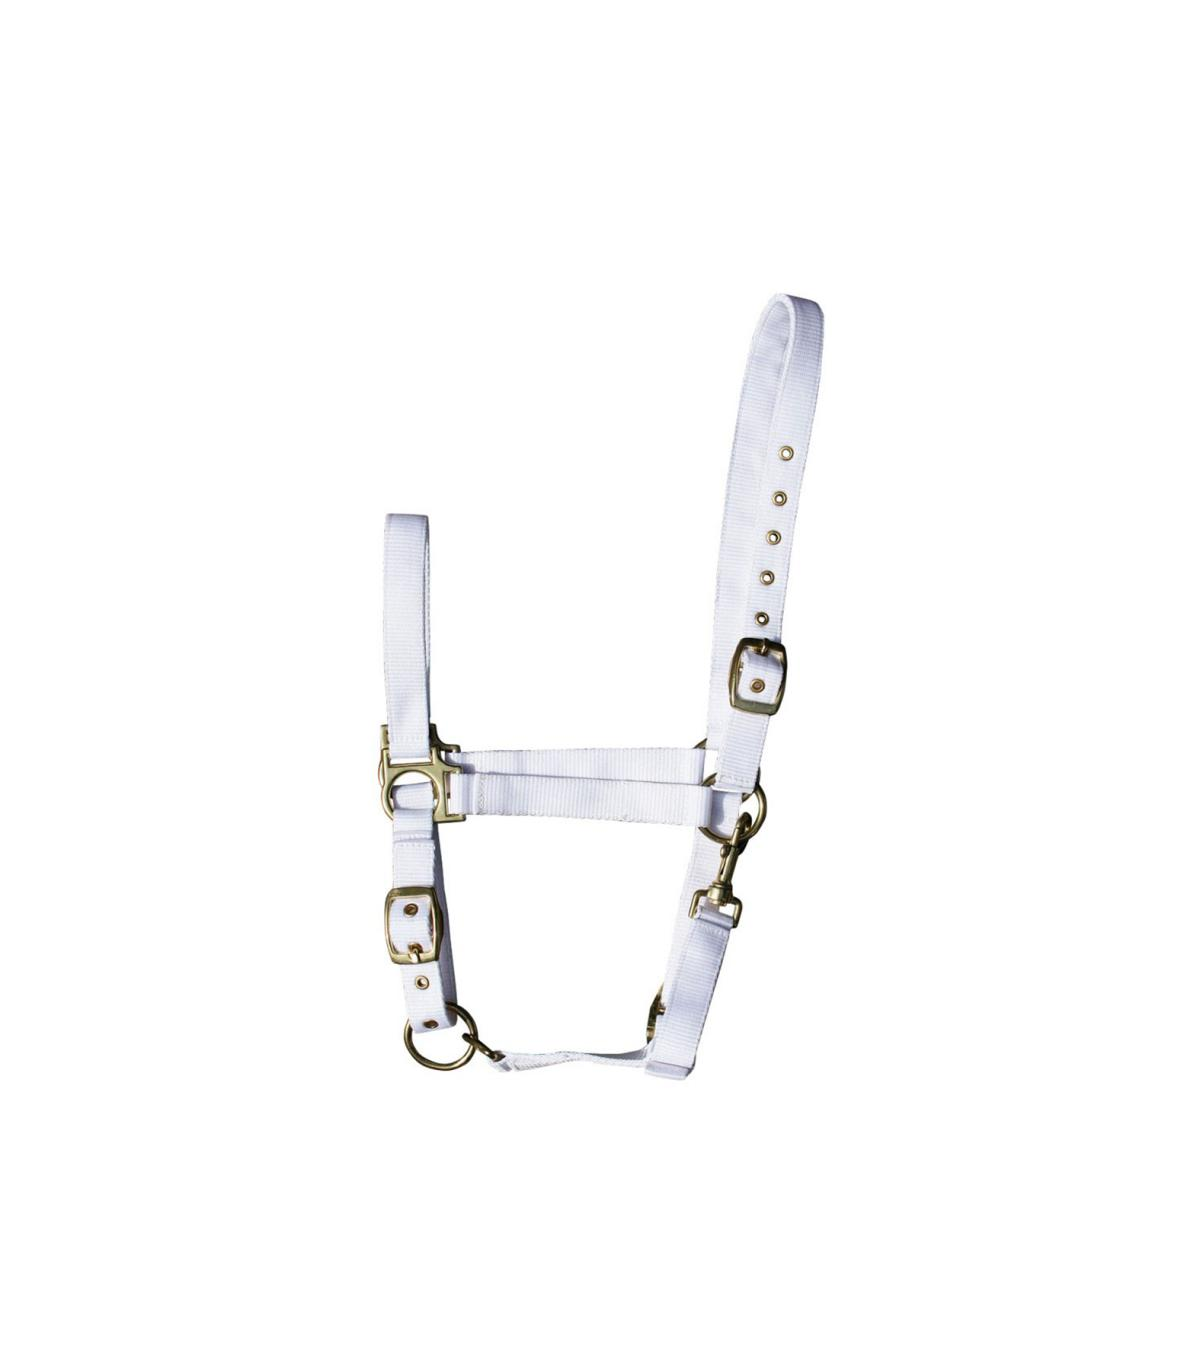 Trense Licol d/équitation su/édoise Harrys Horse 28002110-03x XL Marron X